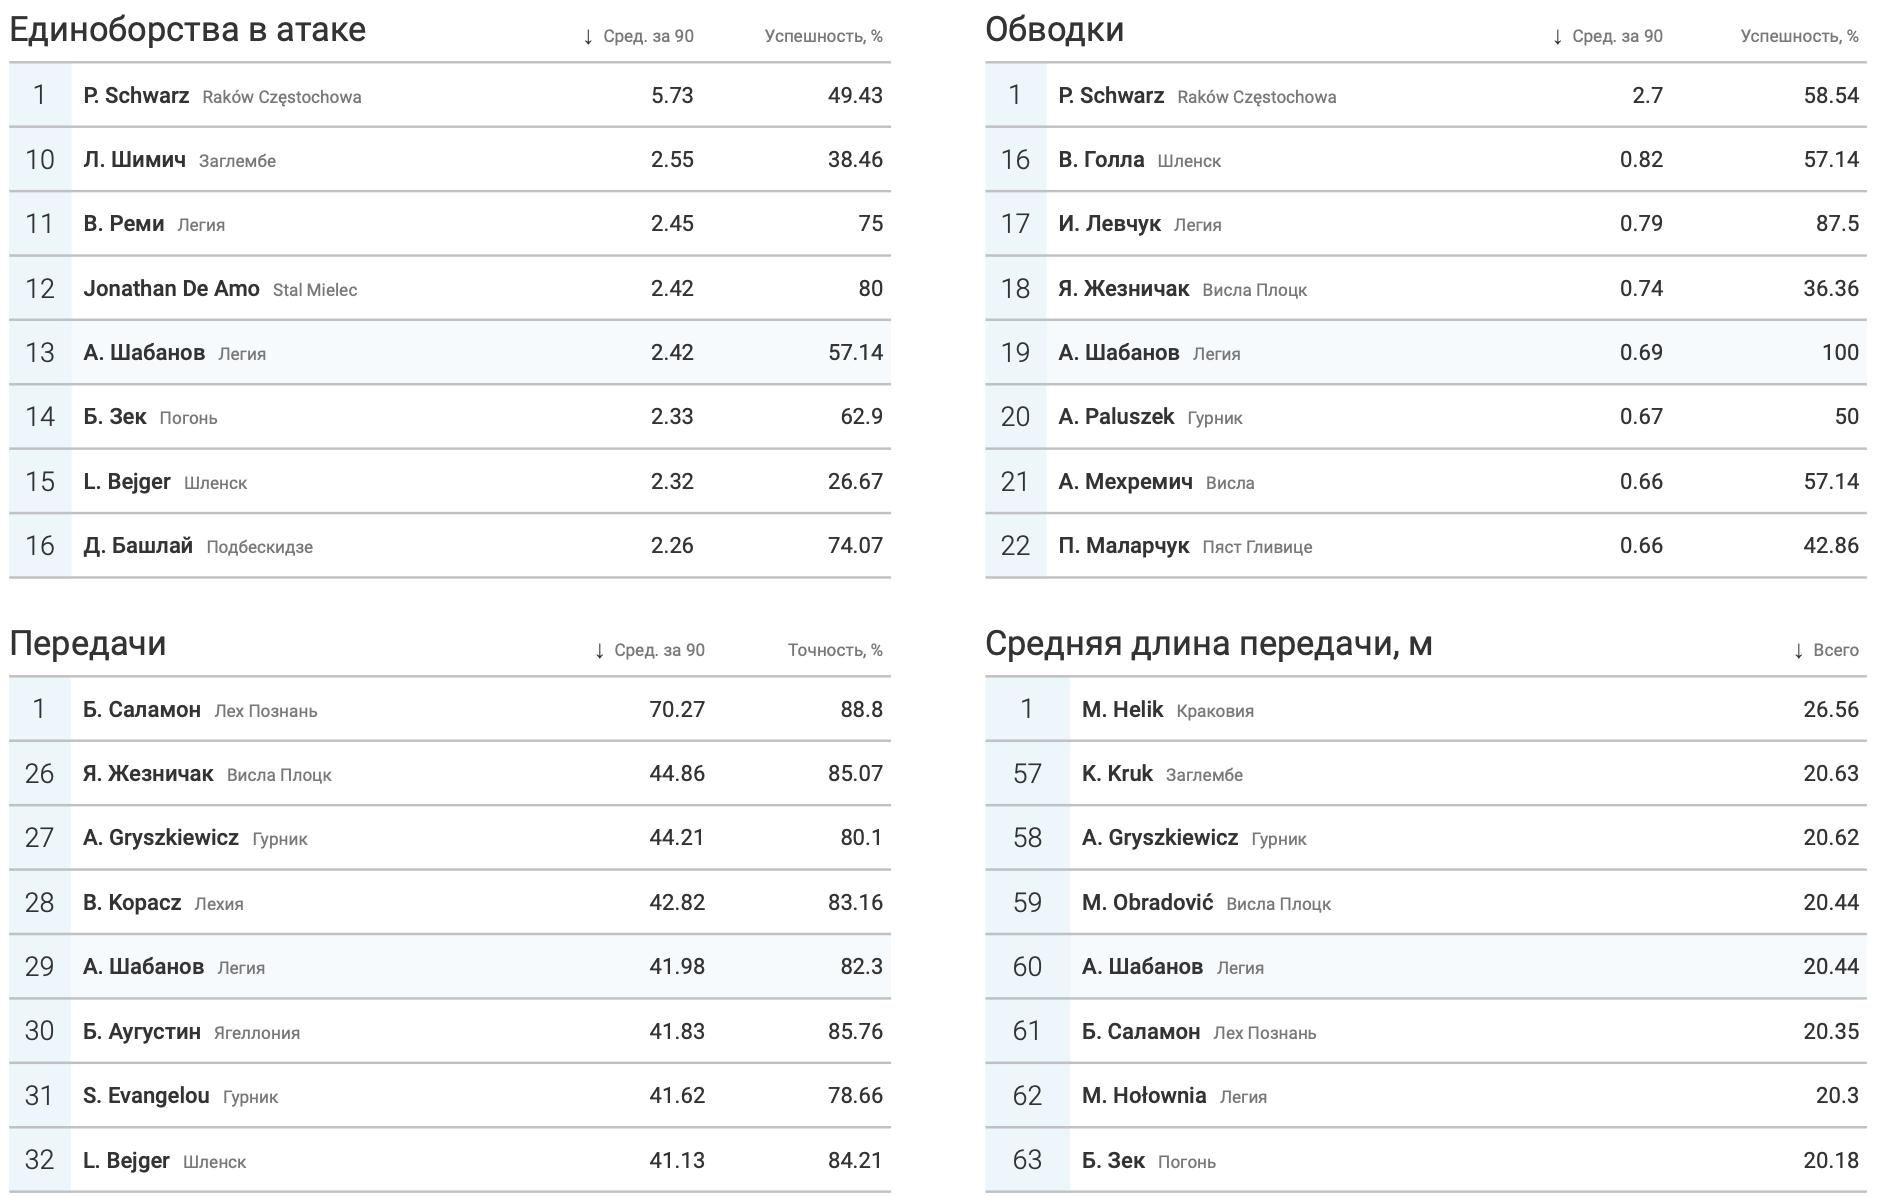 Шабанов в «Легии» в цифрах WyScout: почему поляки хотят выкупить украинца? - изображение 11